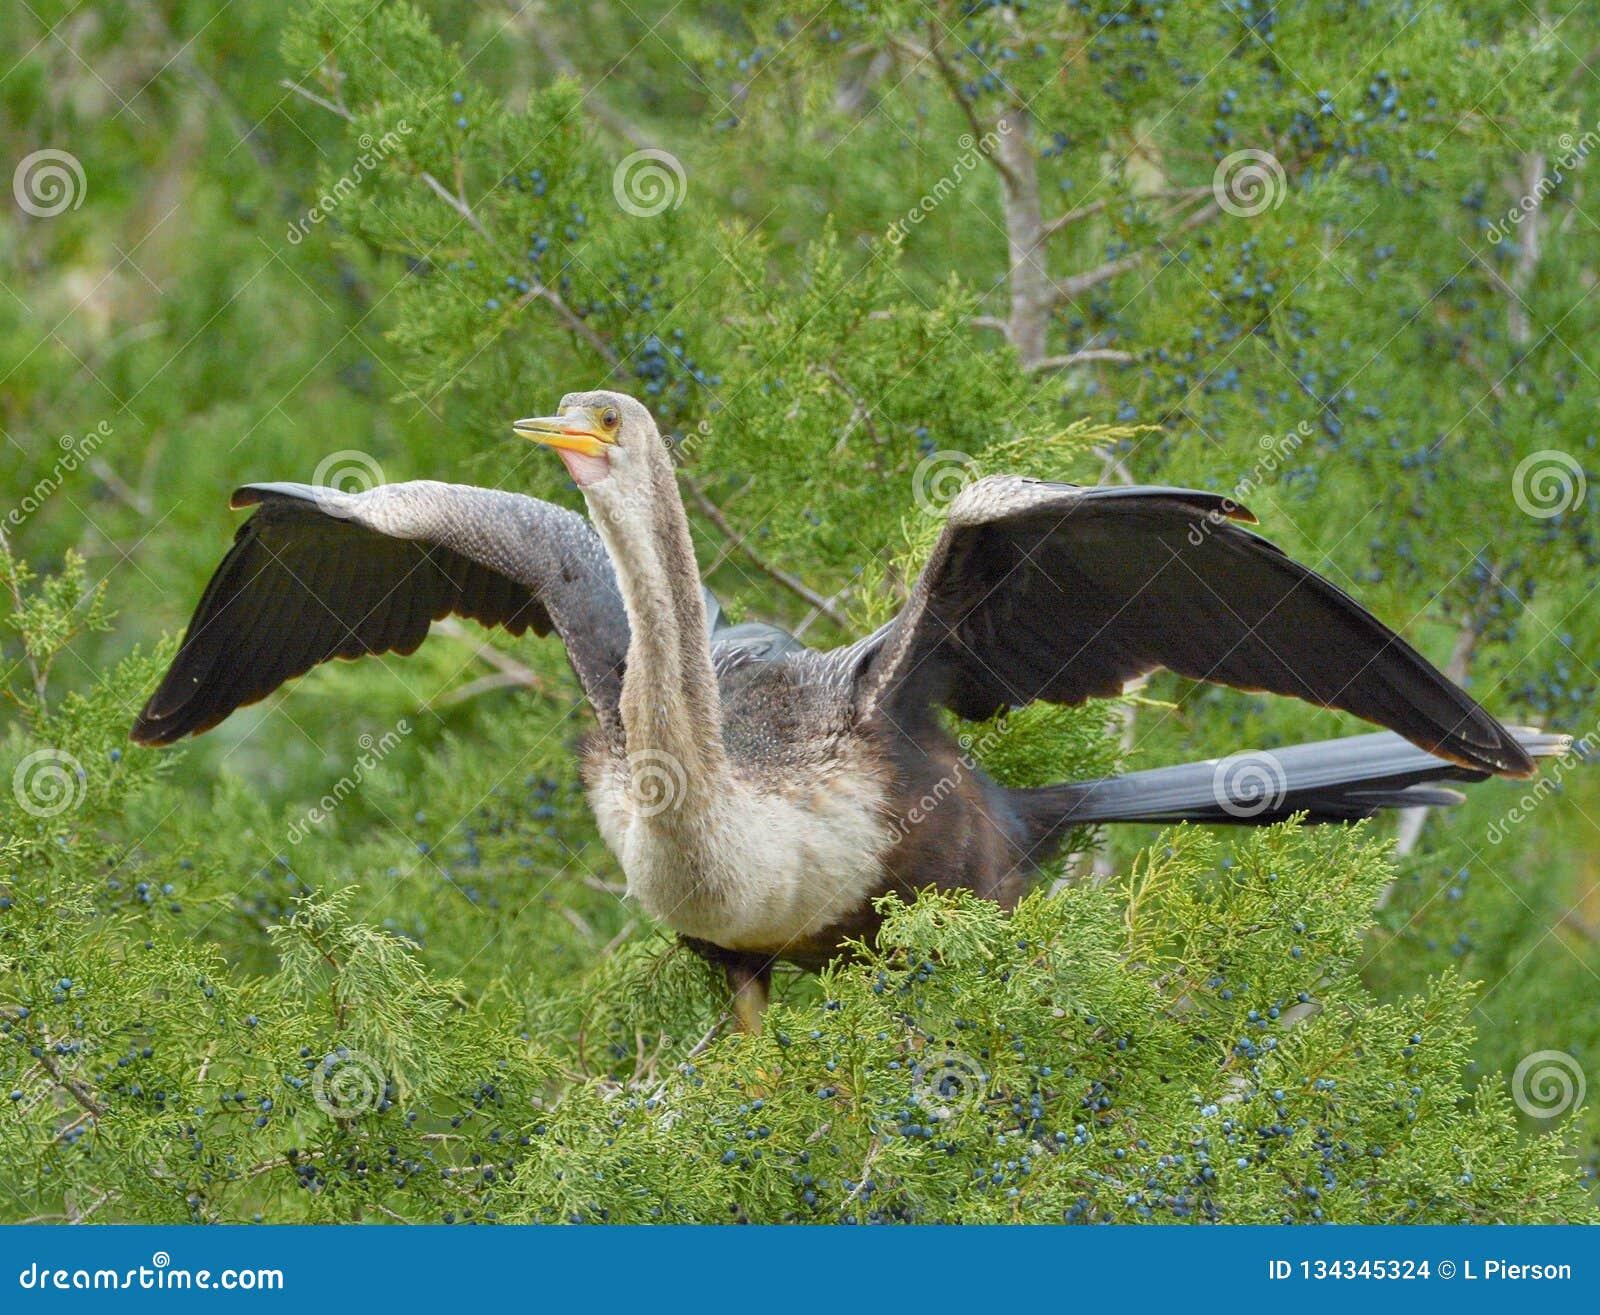 Las zambullidas sucesivas rizan las plumas del anhinga, requiriendo el pájaro pasar mucho de su atusarse del tiempo